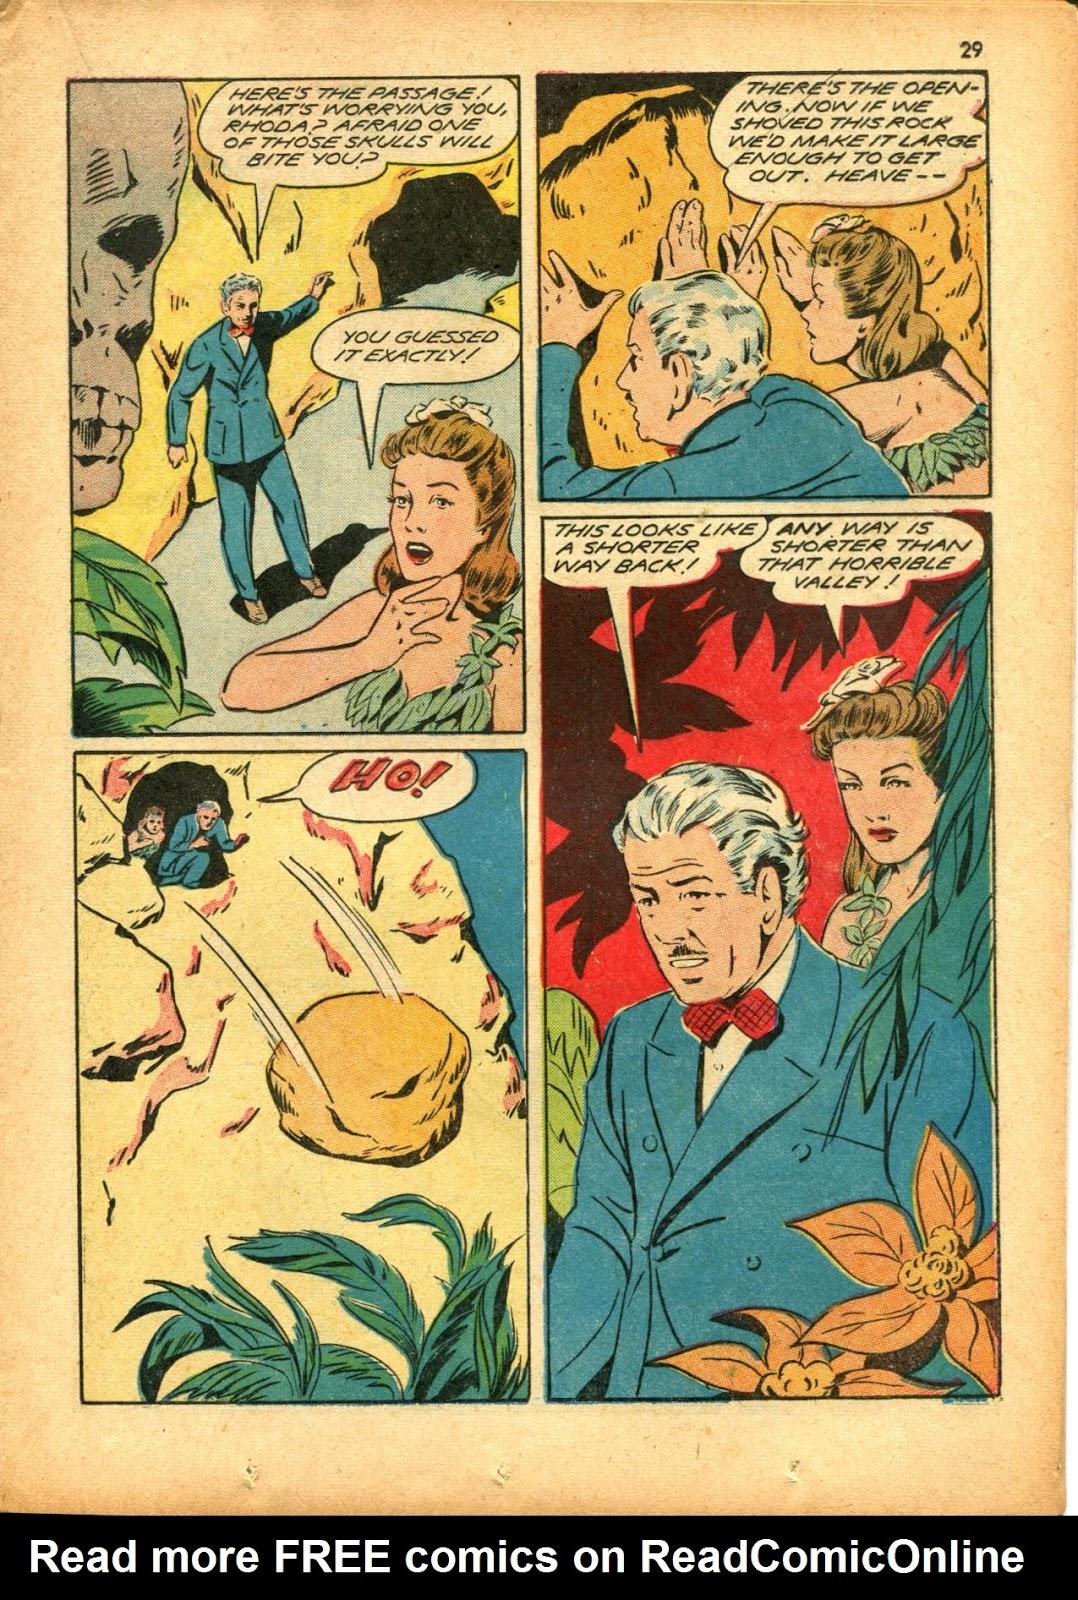 Read online Super-Magician Comics comic -  Issue #15 - 29